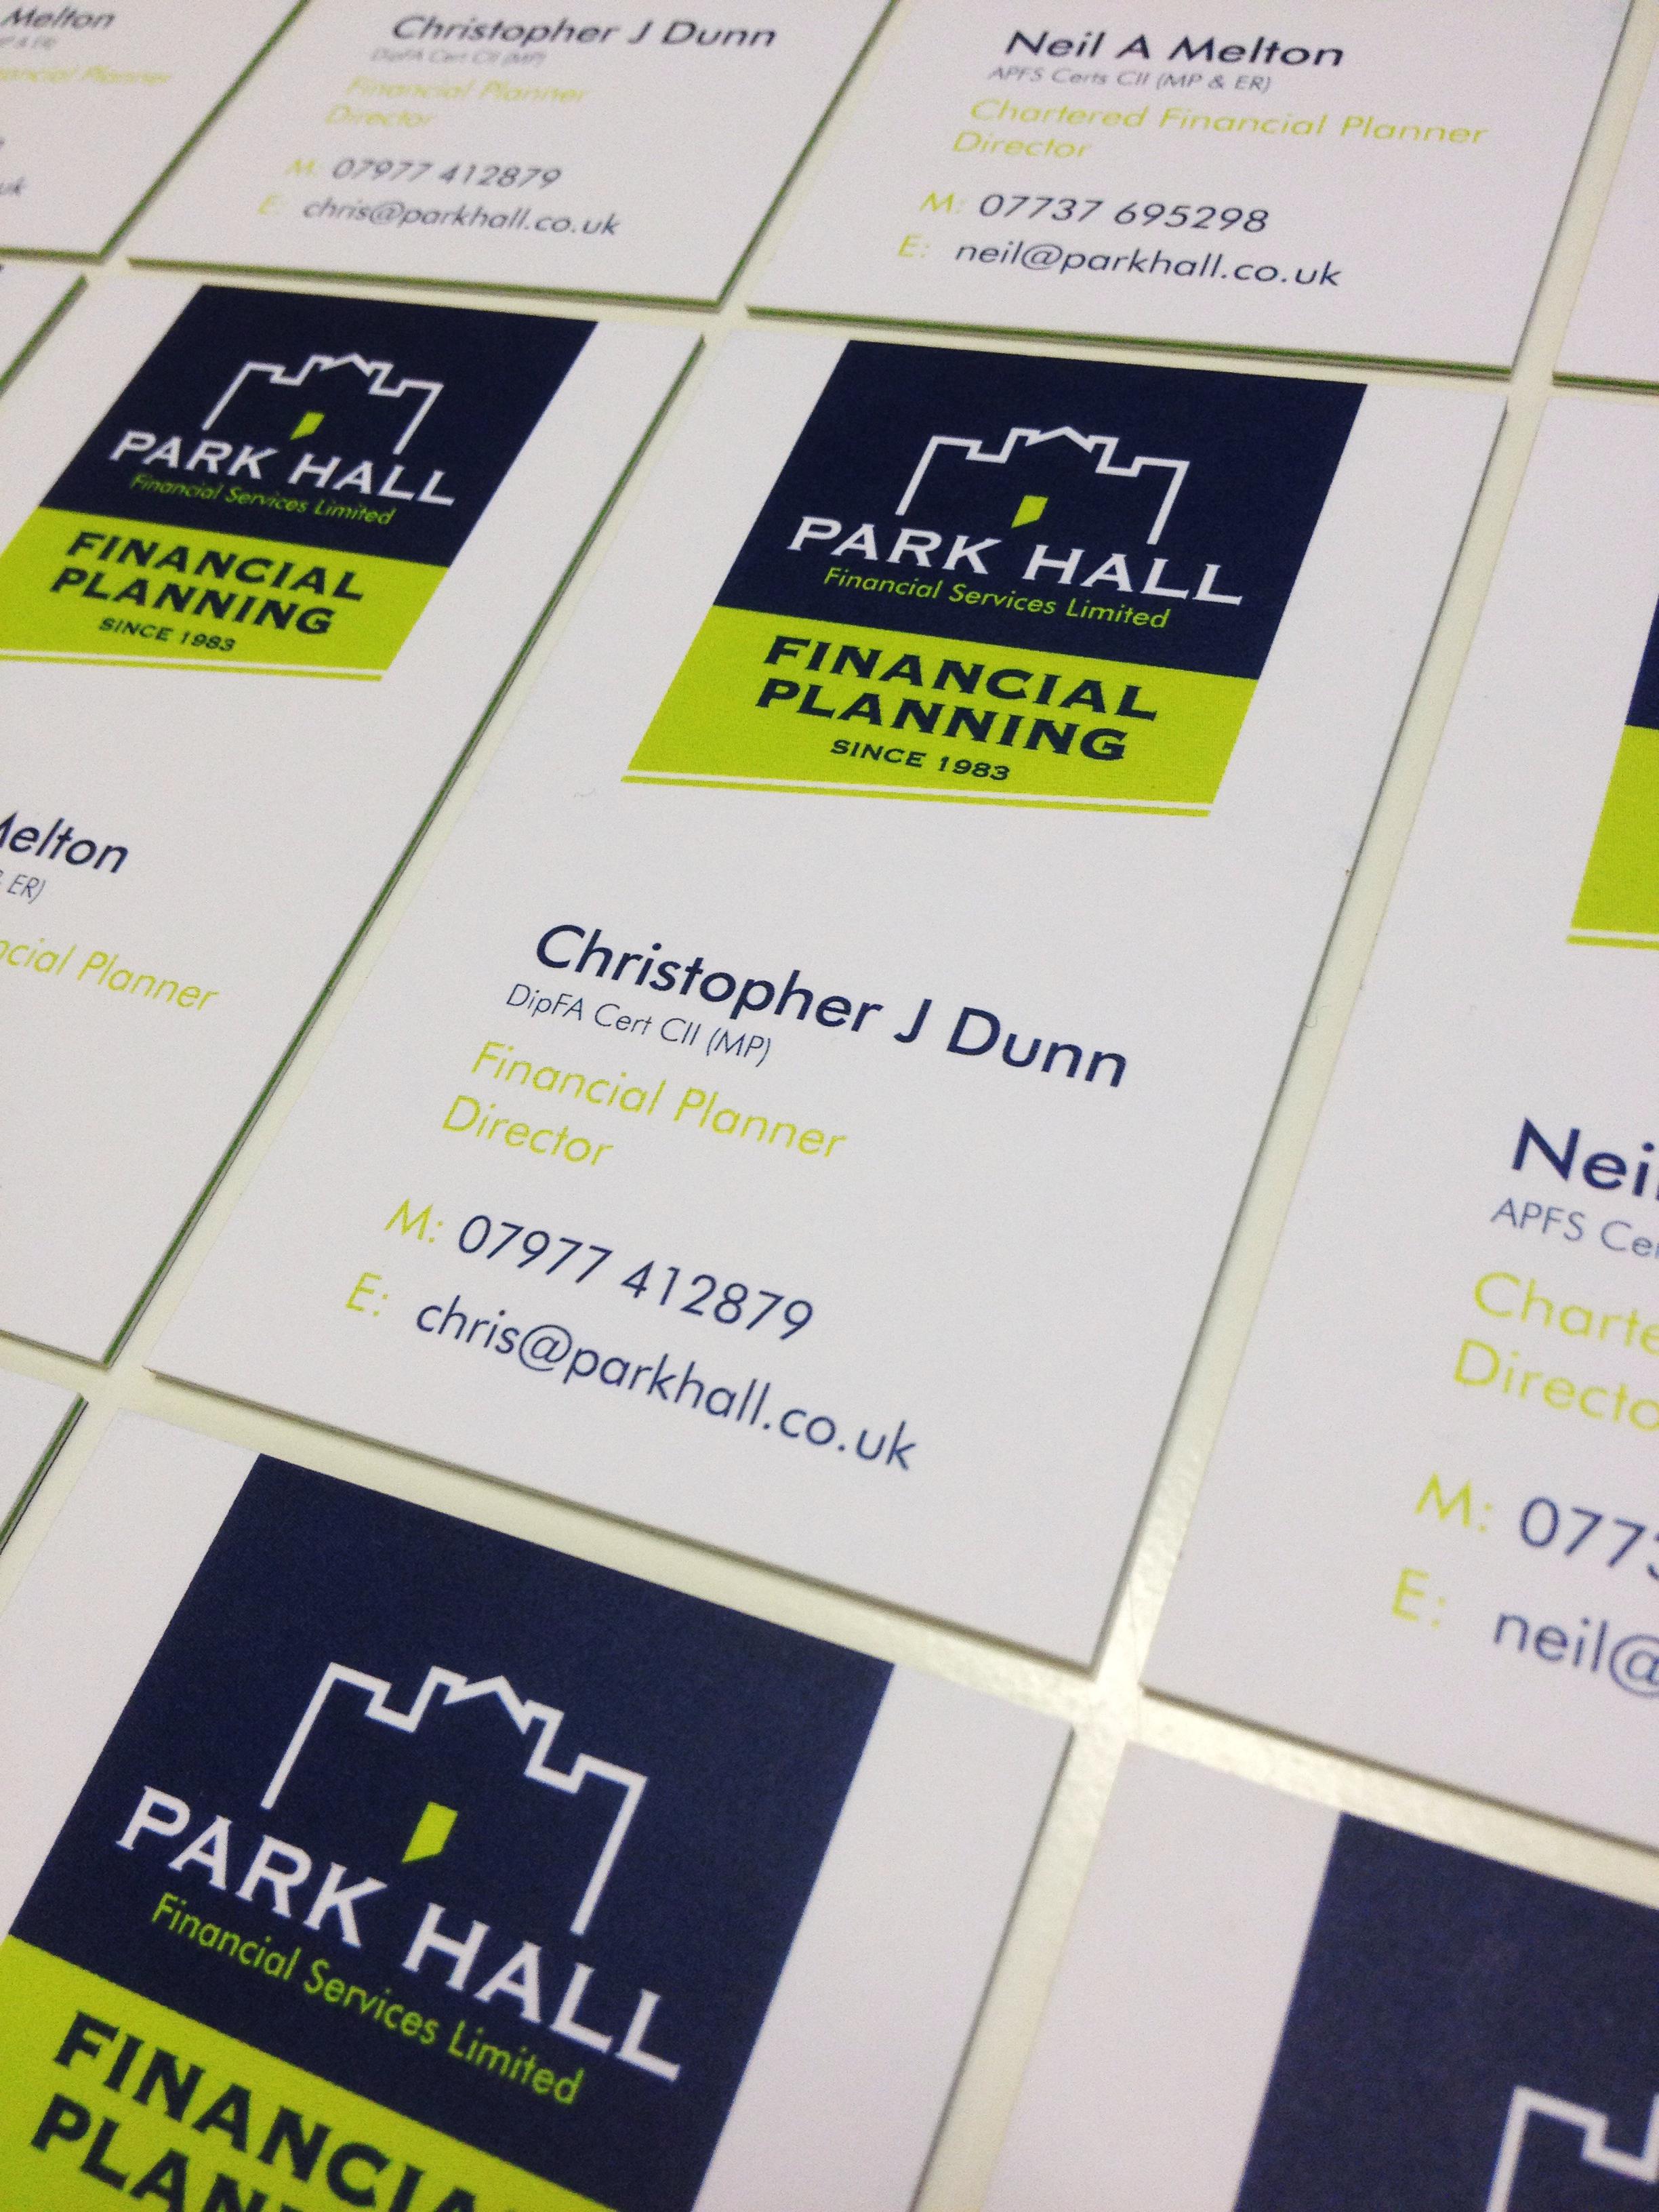 design & printof business cards for Park Hall